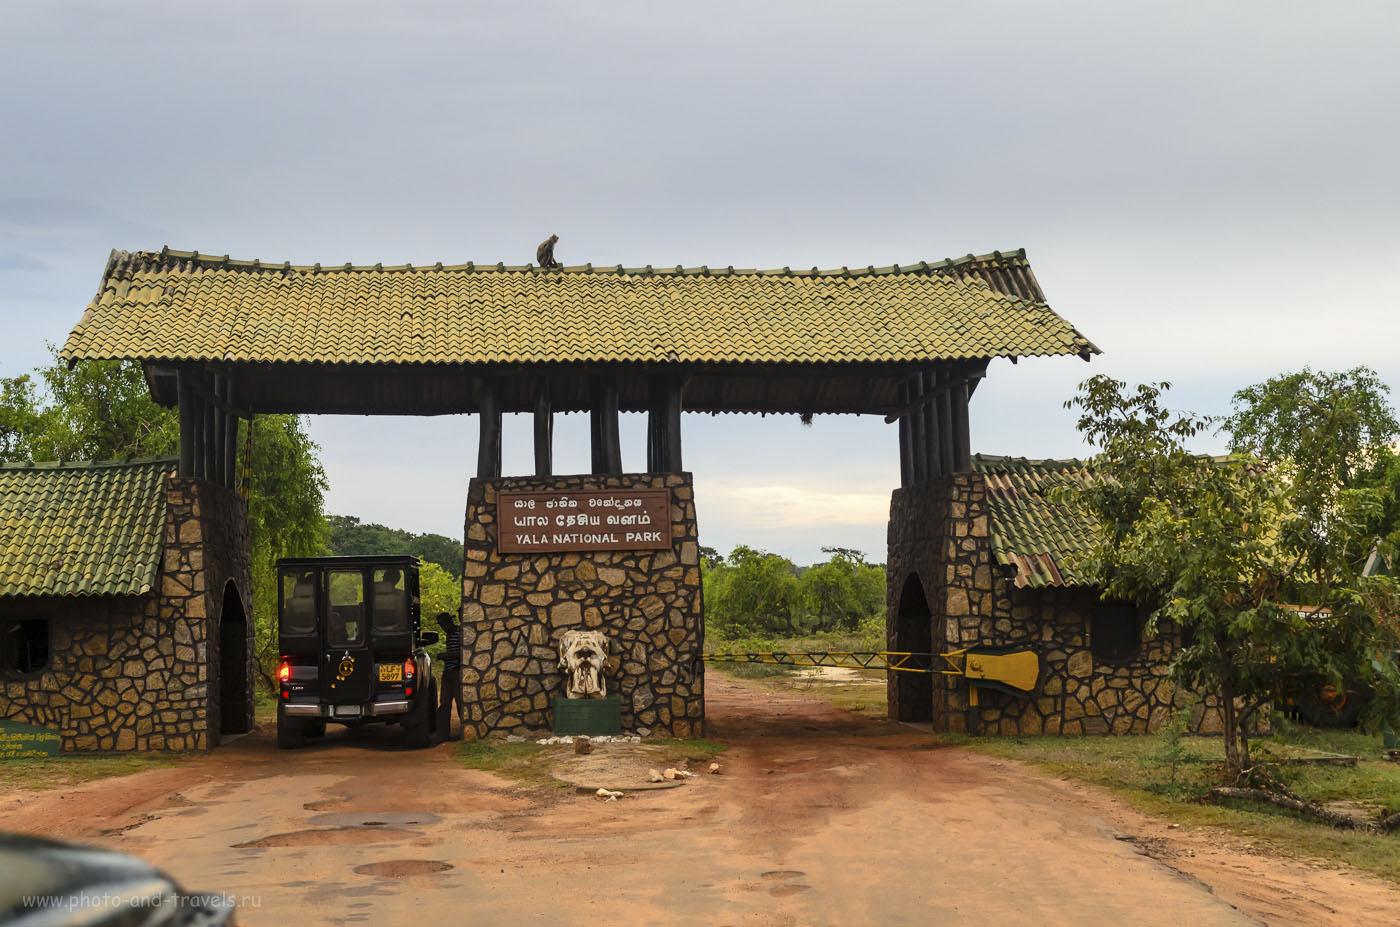 3. Шри-Ланка. Фото. Парк Yala National Park. Въездные ворота (320, 36, 7.1, 1/50)